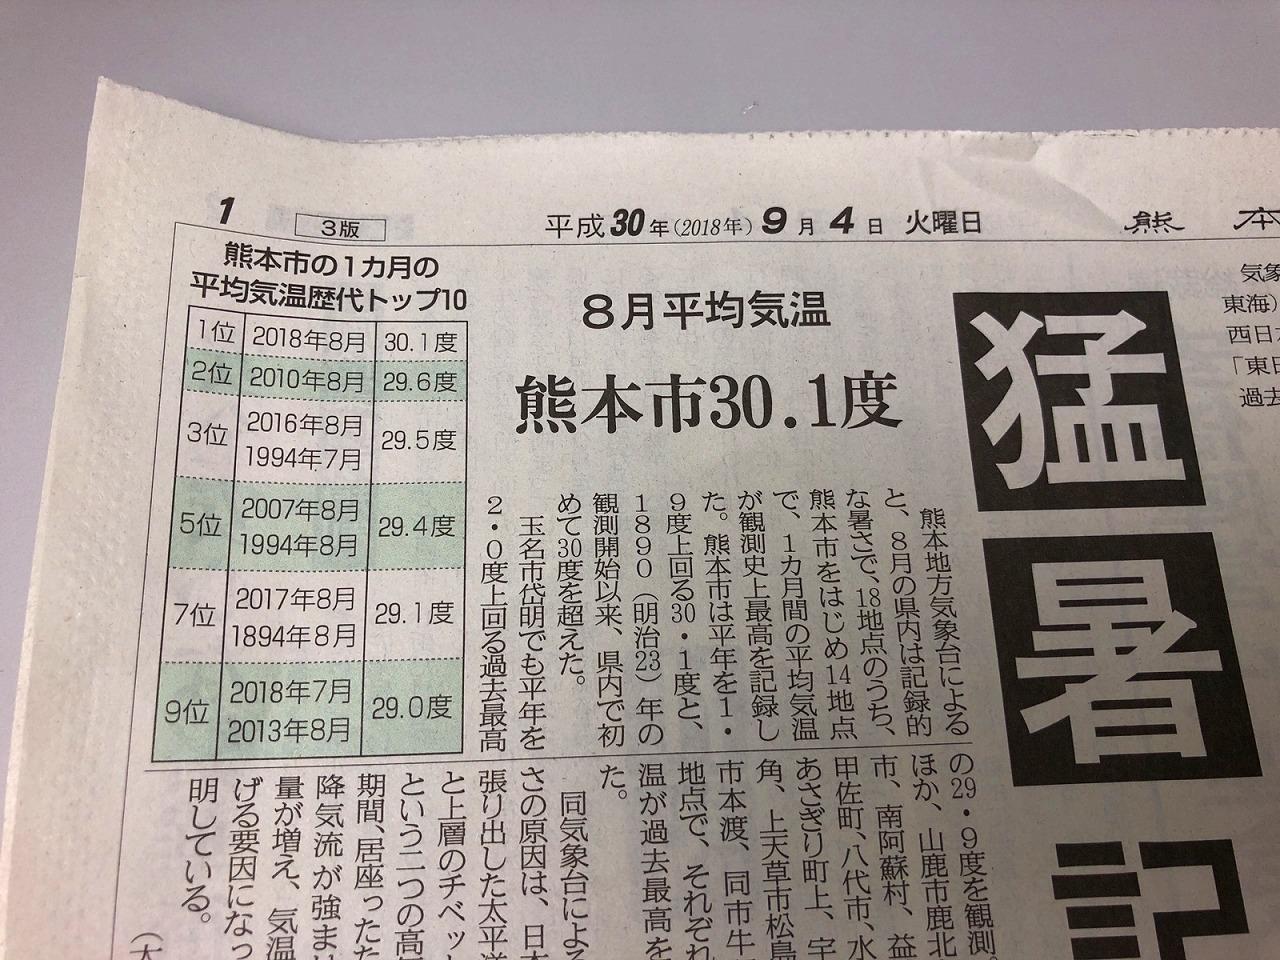 2018年8月 熊本市の平均気温30.1度